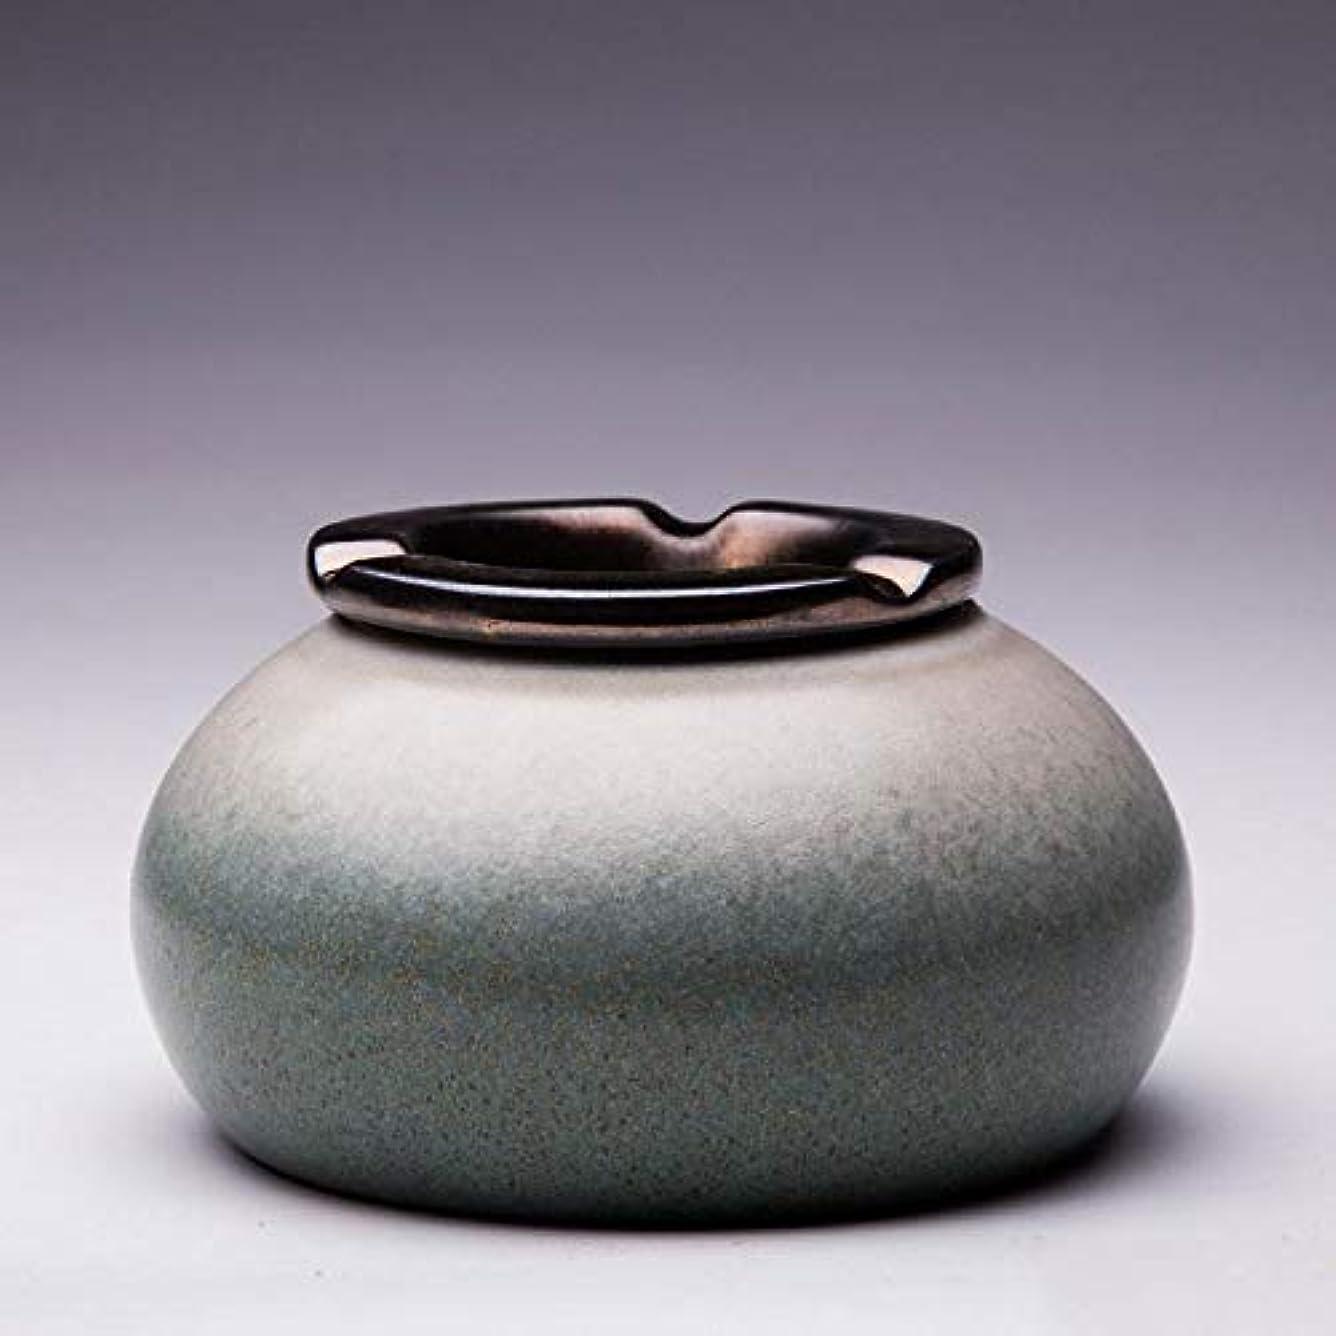 行う伝統事実上灰皿Creative Outdoor Ceramics灰皿 (色 : グレー)